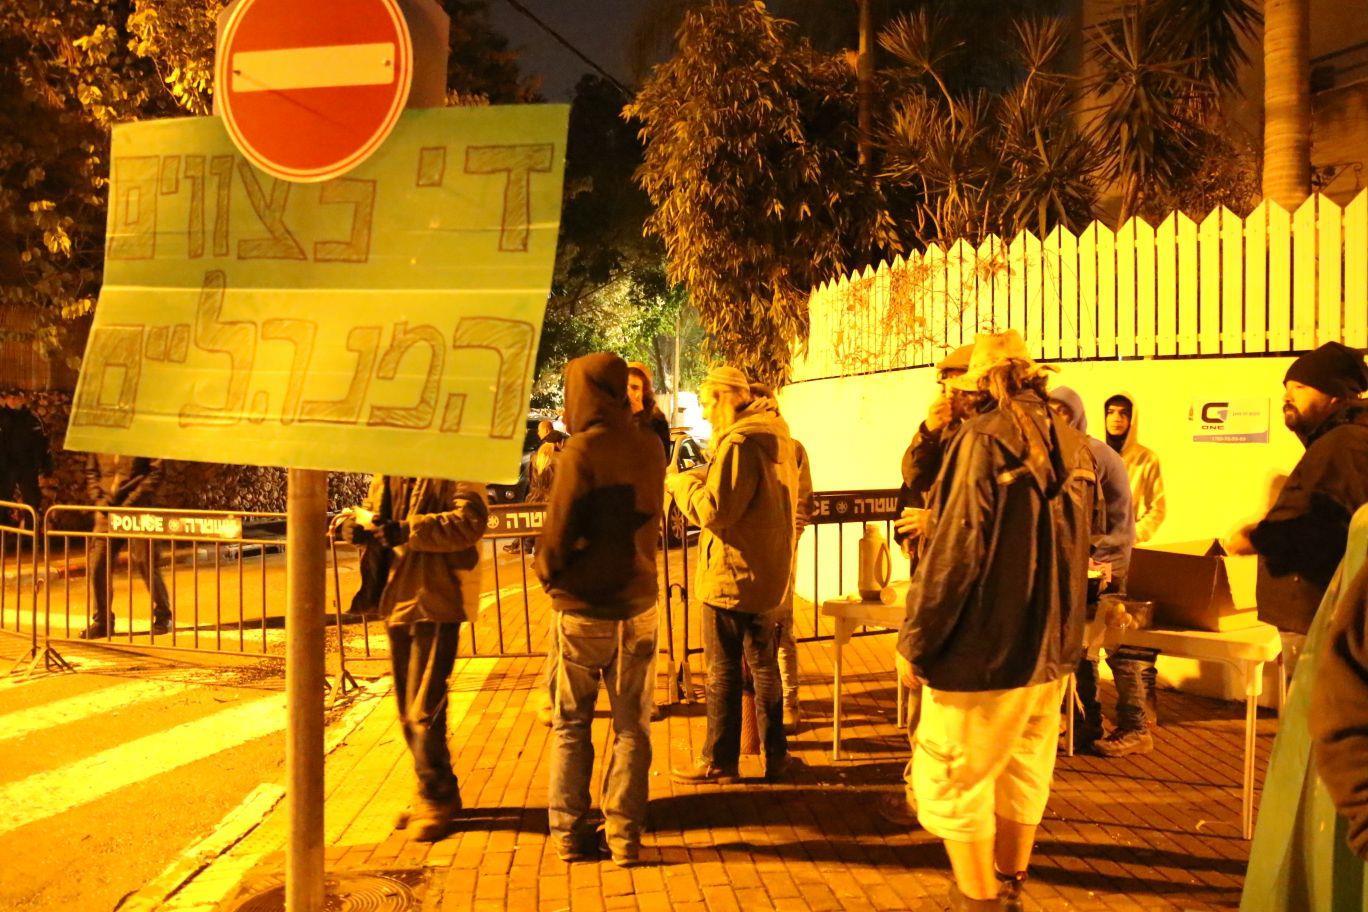 הפגנה מול ביתו של רוני נומה. ארכיון צילום: שלמה מלט